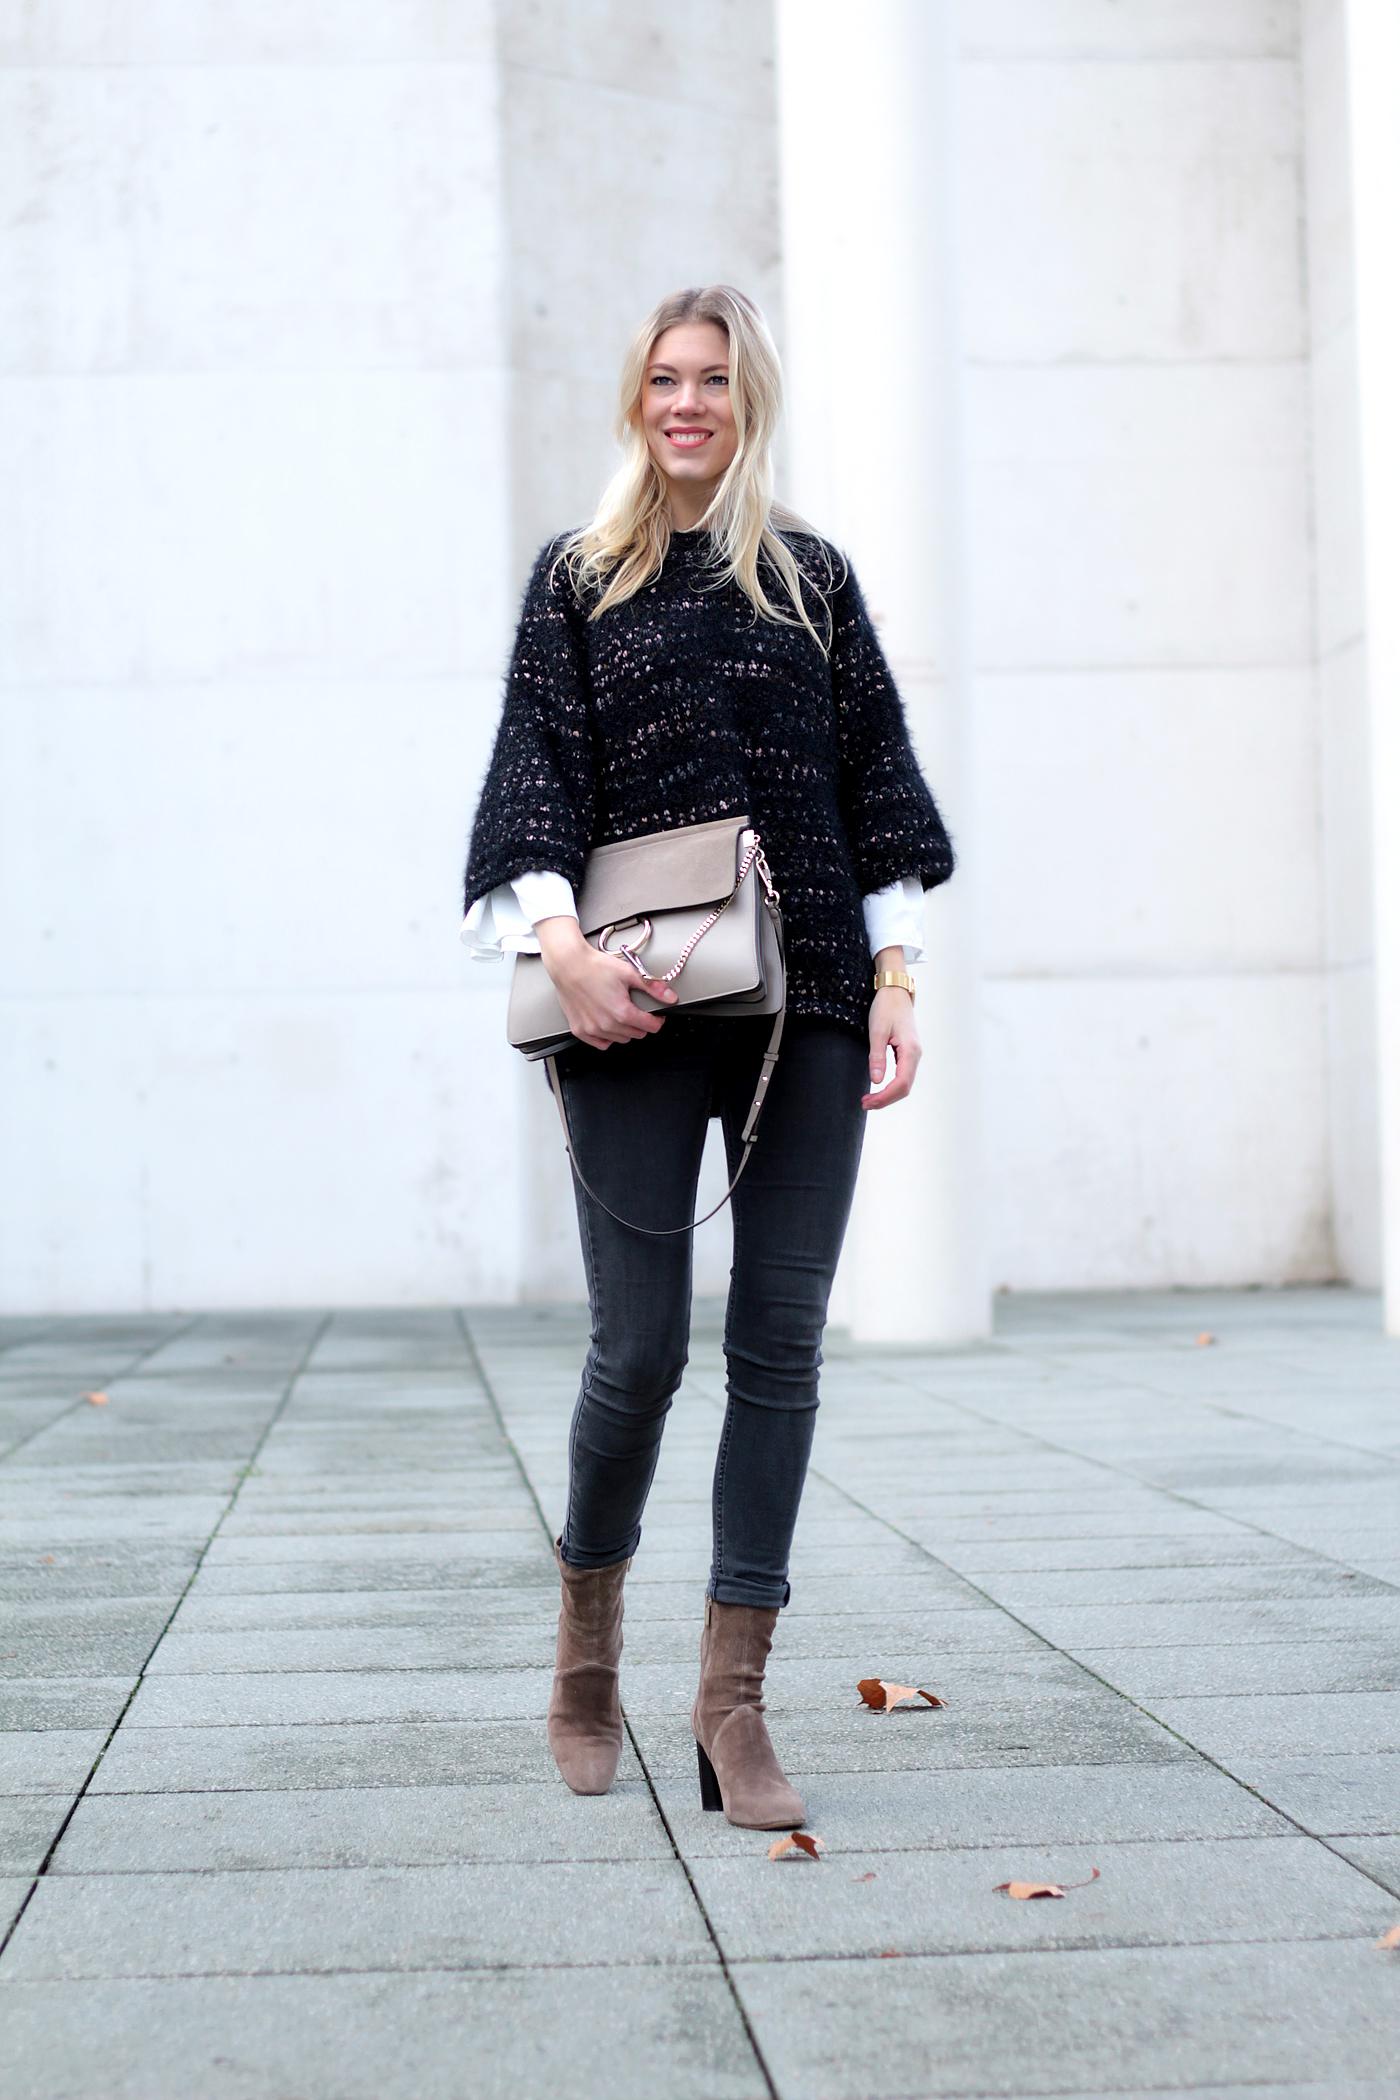 chloe-faye_bag_asos_sweater_verenajulia_somehappyshoes